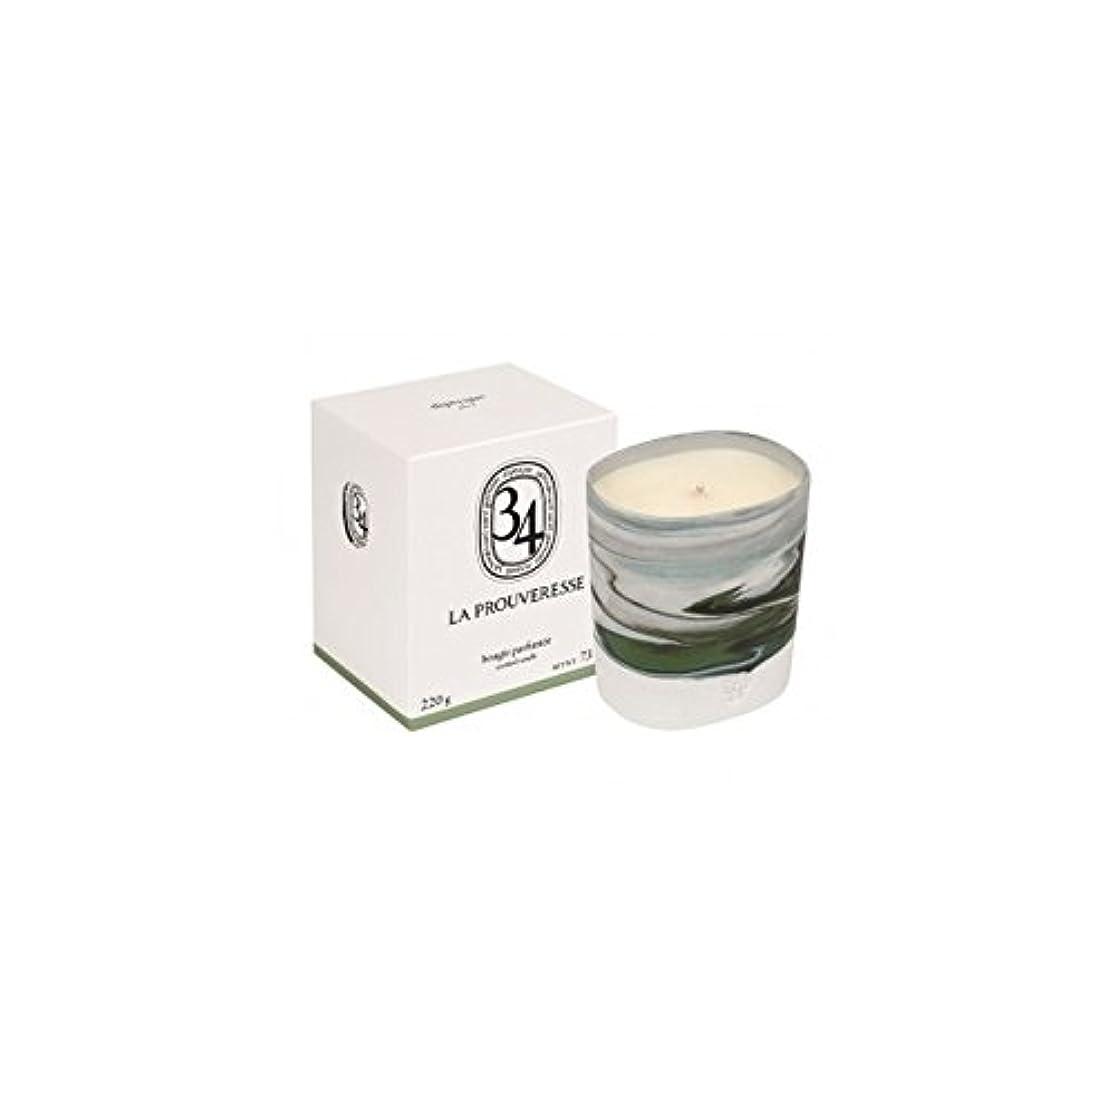 蛇行怖いの面ではDiptyque Collection 34 La Prouveresse Scented Candle 220g (Pack of 2) - ラProuveresse Diptyqueコレクション34香りのキャンドル220...